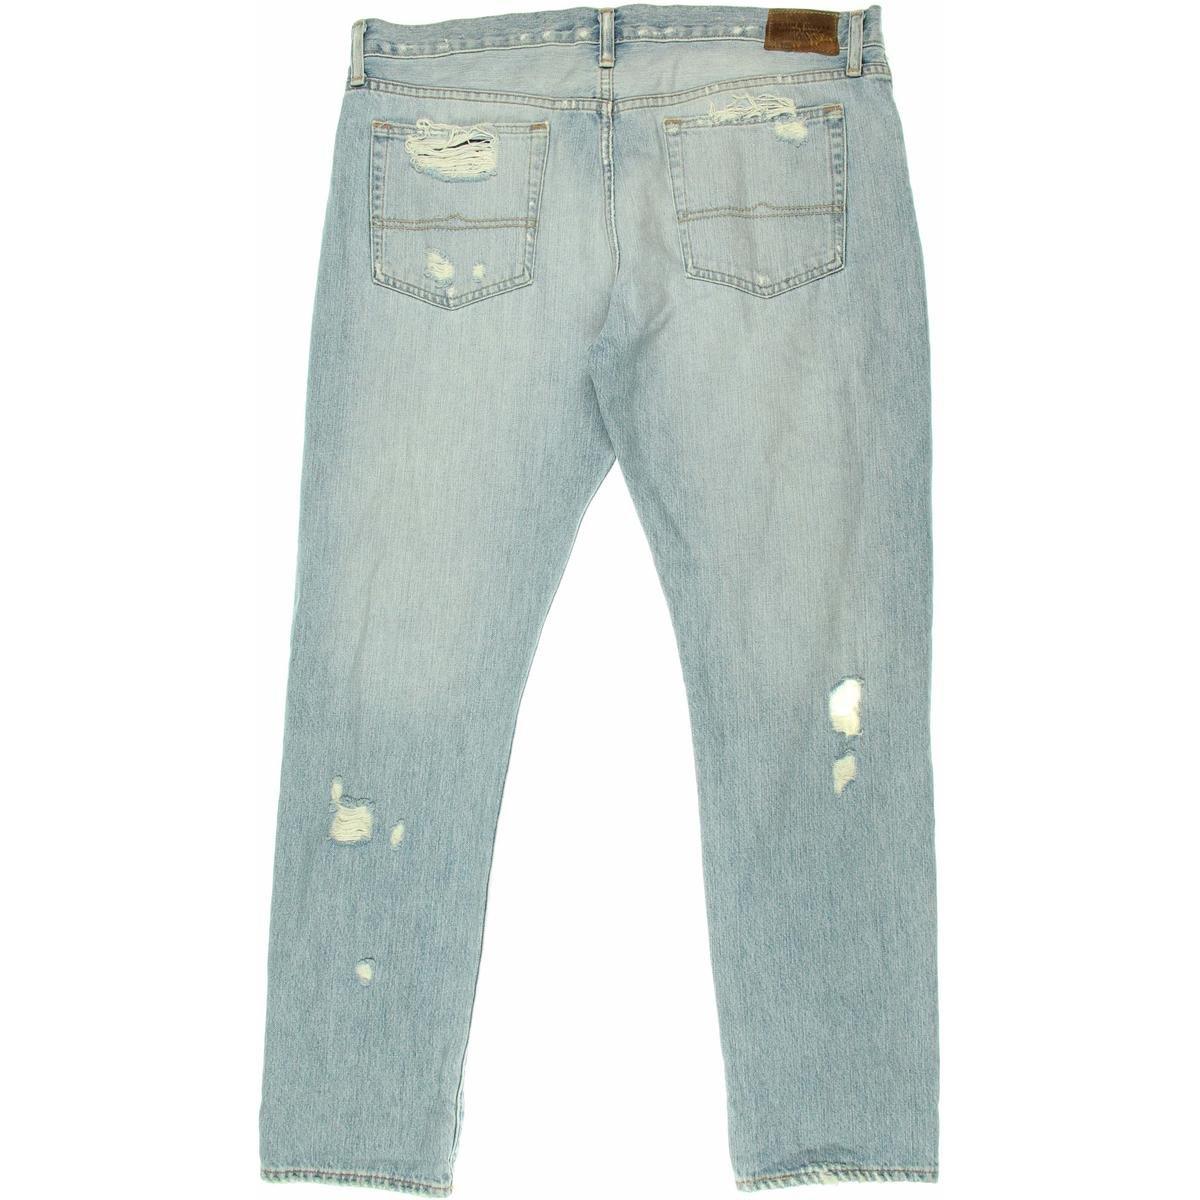 3c75f5c6a Denim Supply Ralph Lauren Boyfriend Jeans (27